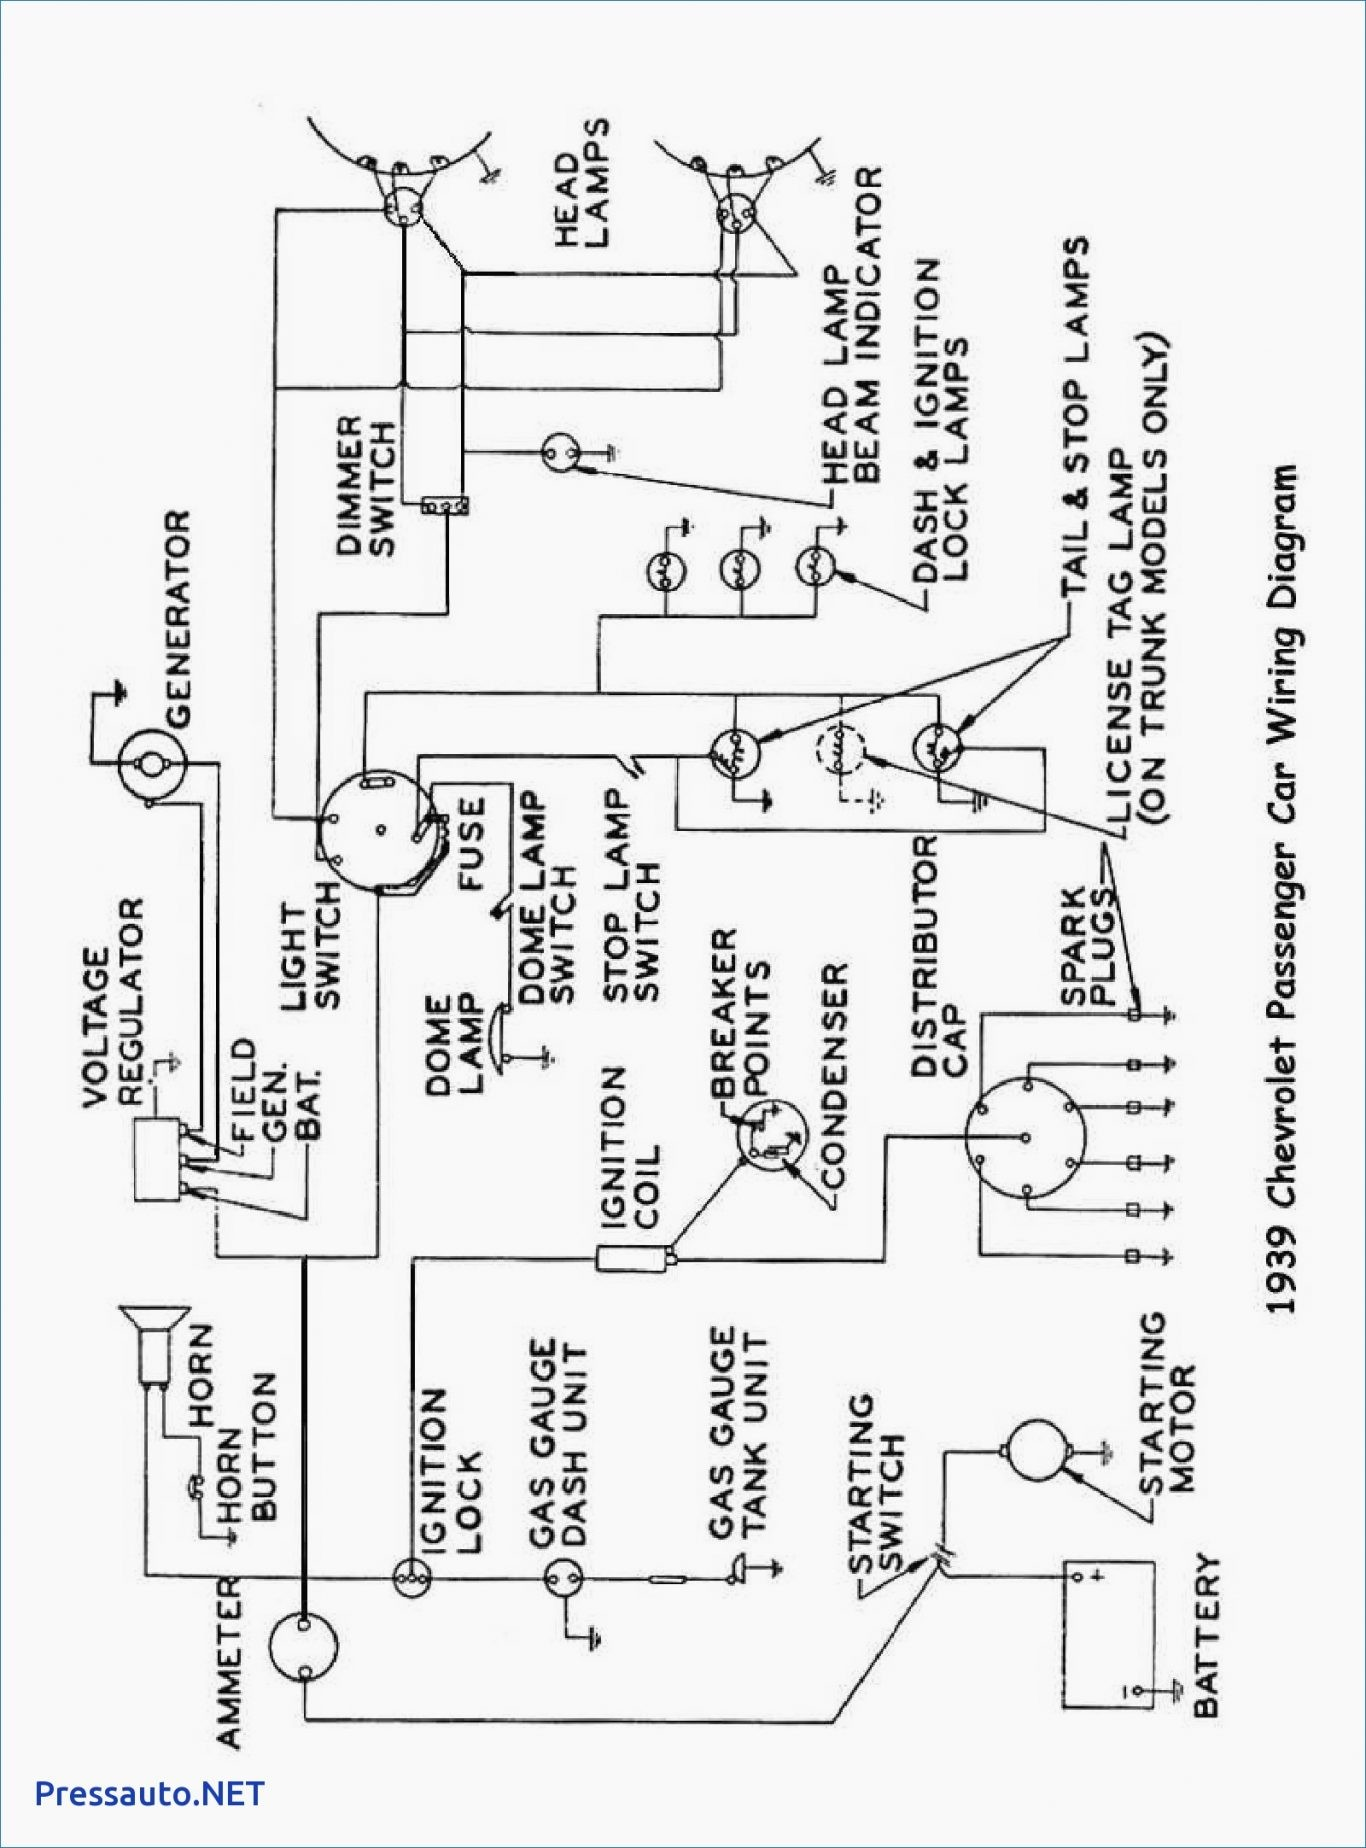 861251 1 wiring diagram